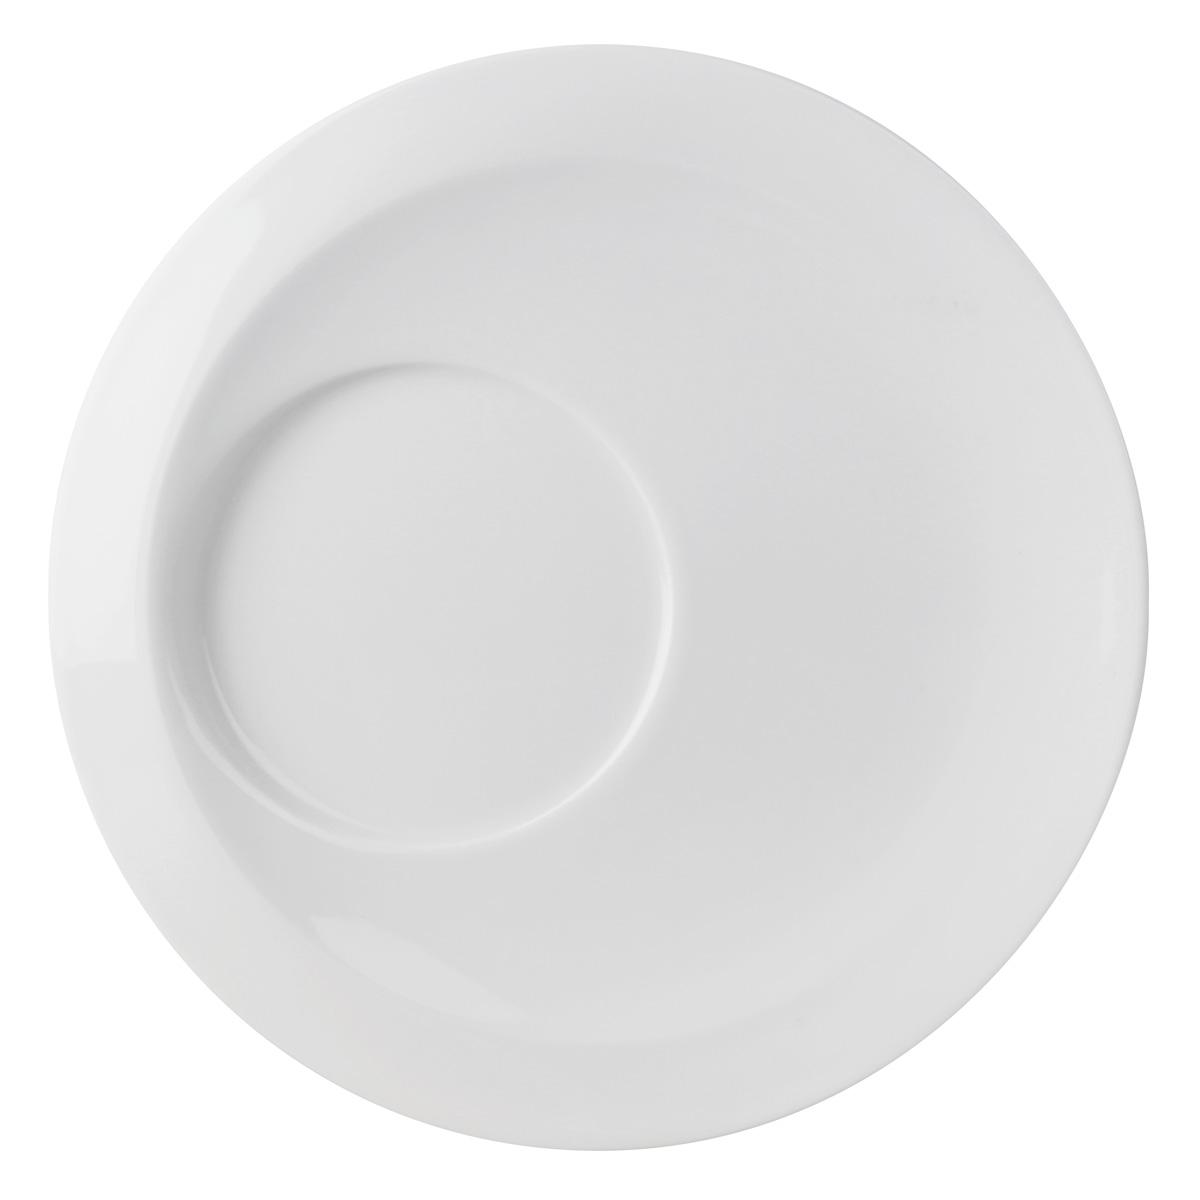 smoos plat rectangulaire 30 5x10 cm saladiers les plats de service la table parisienne. Black Bedroom Furniture Sets. Home Design Ideas